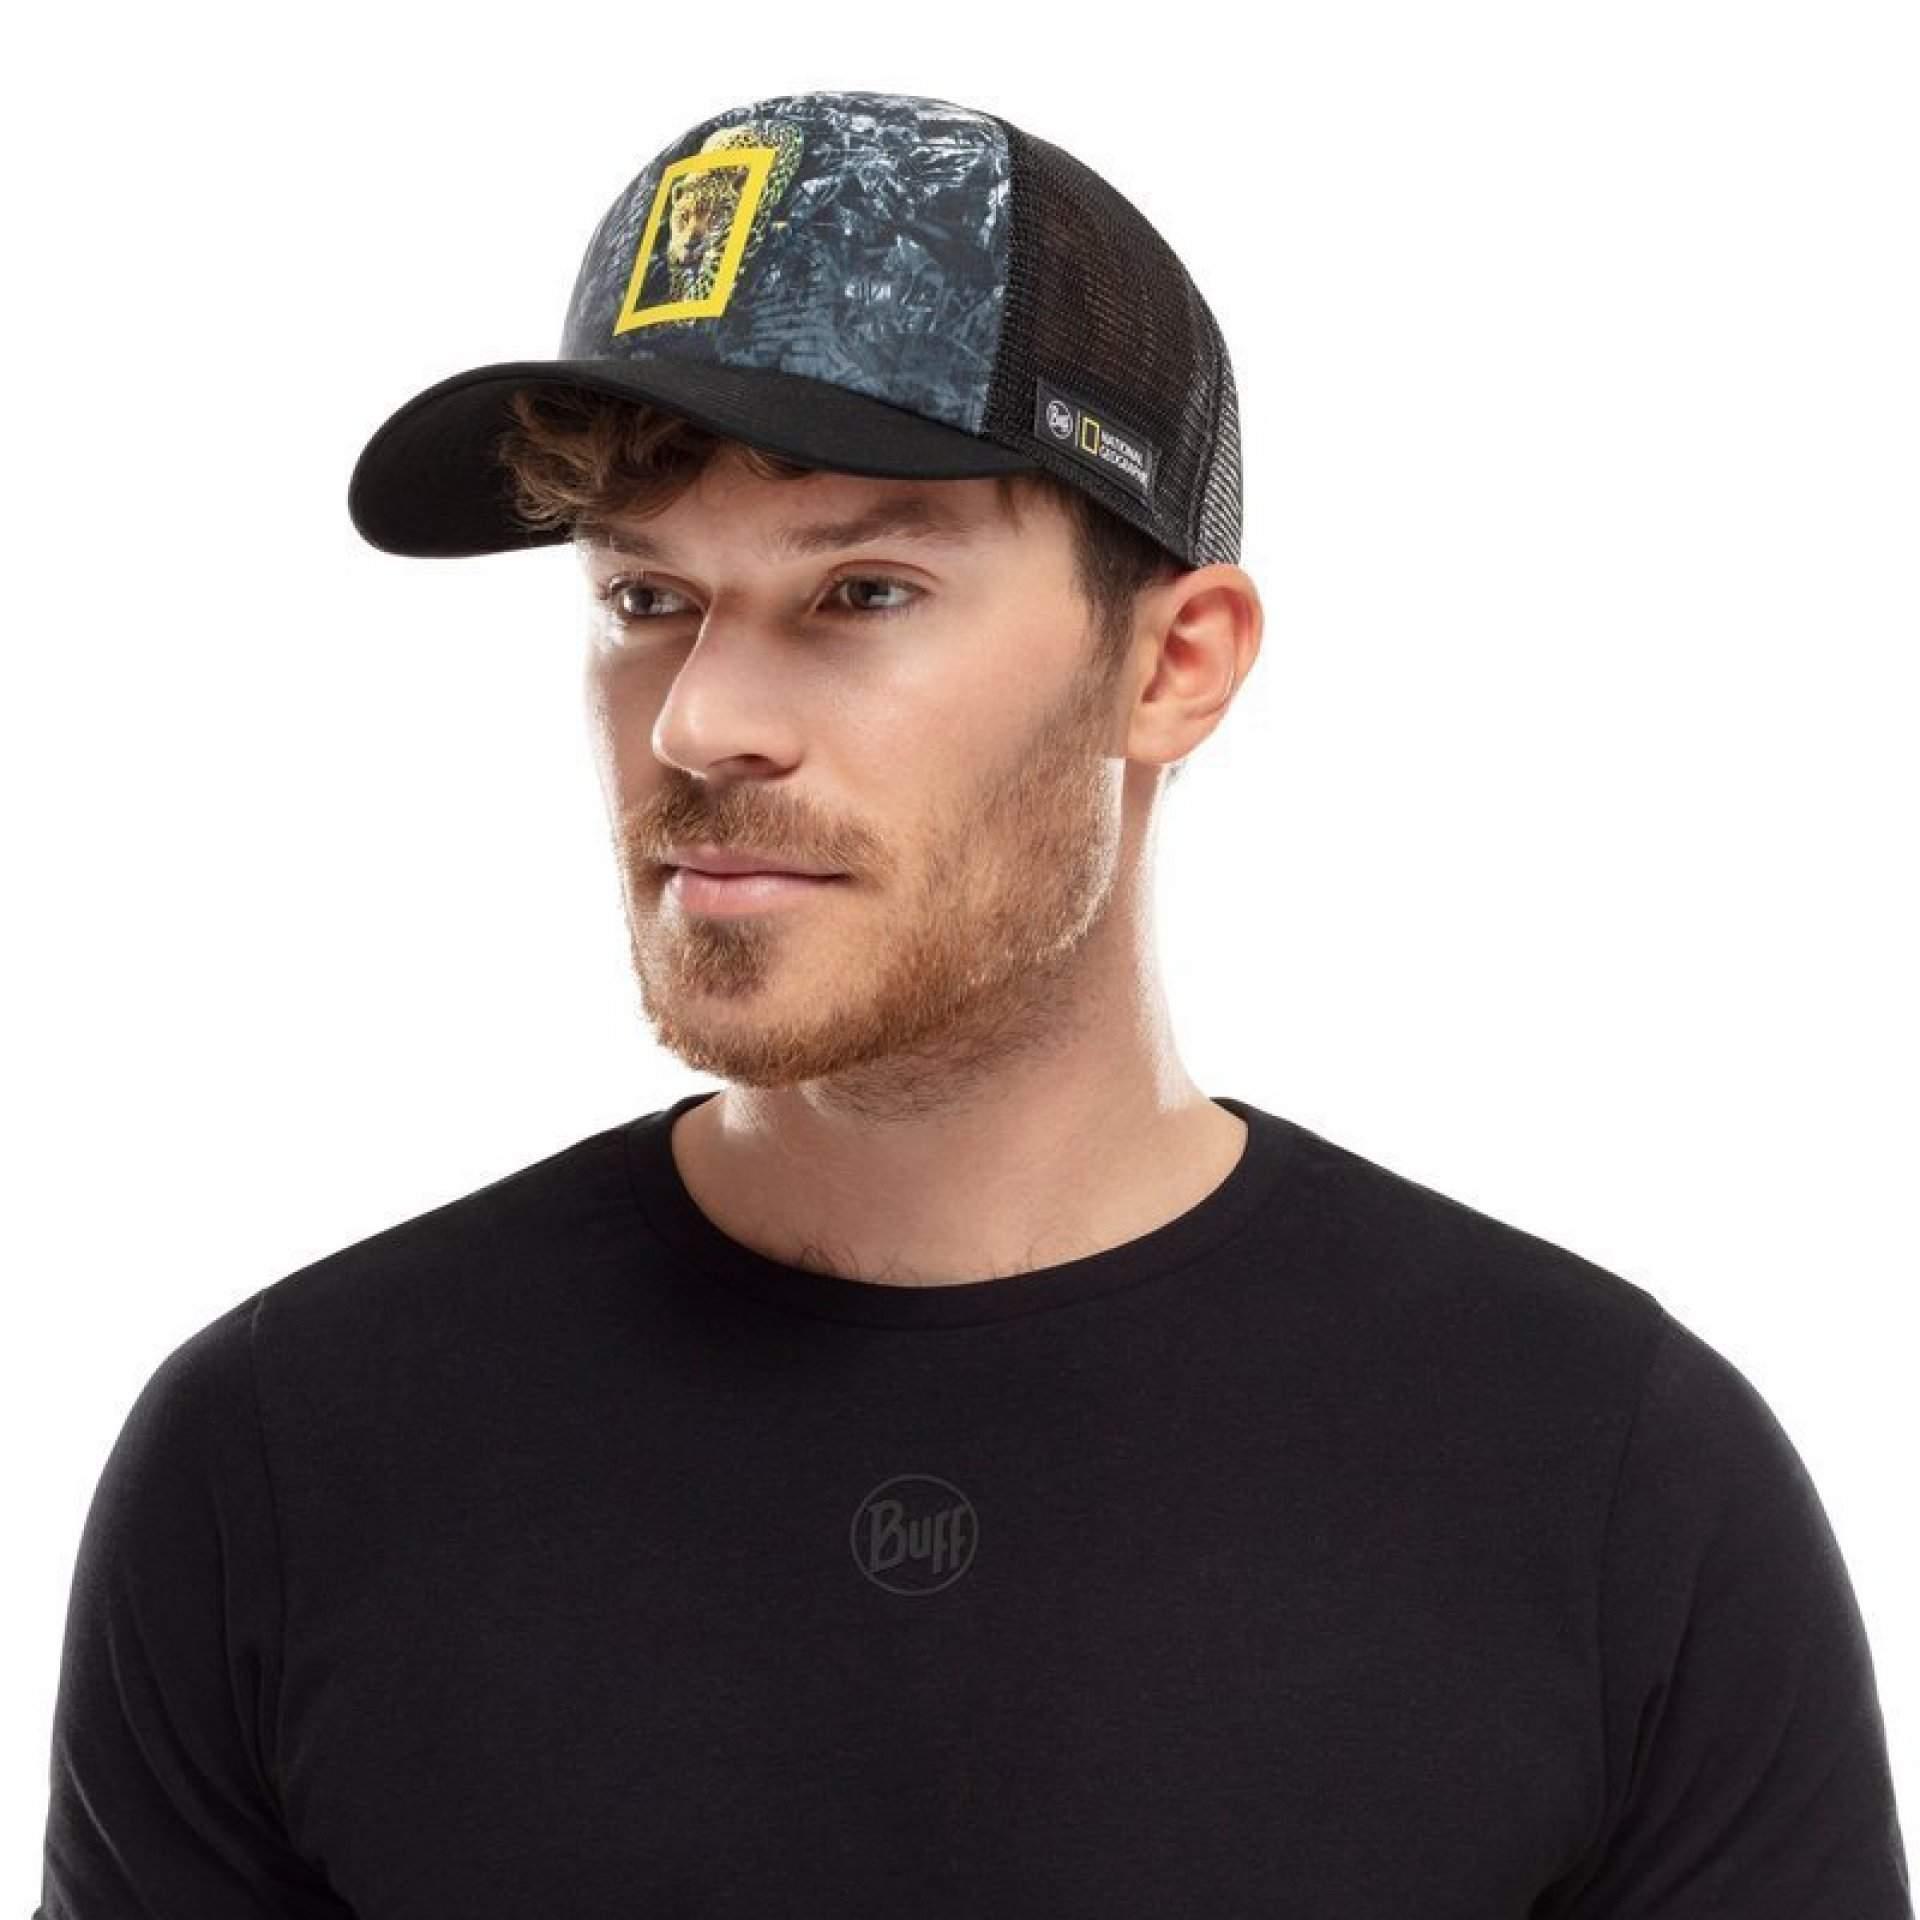 CZAPKA Z DASZKIEM BUFF TRUCKER CAP HOWEY BLACK NA MODELU